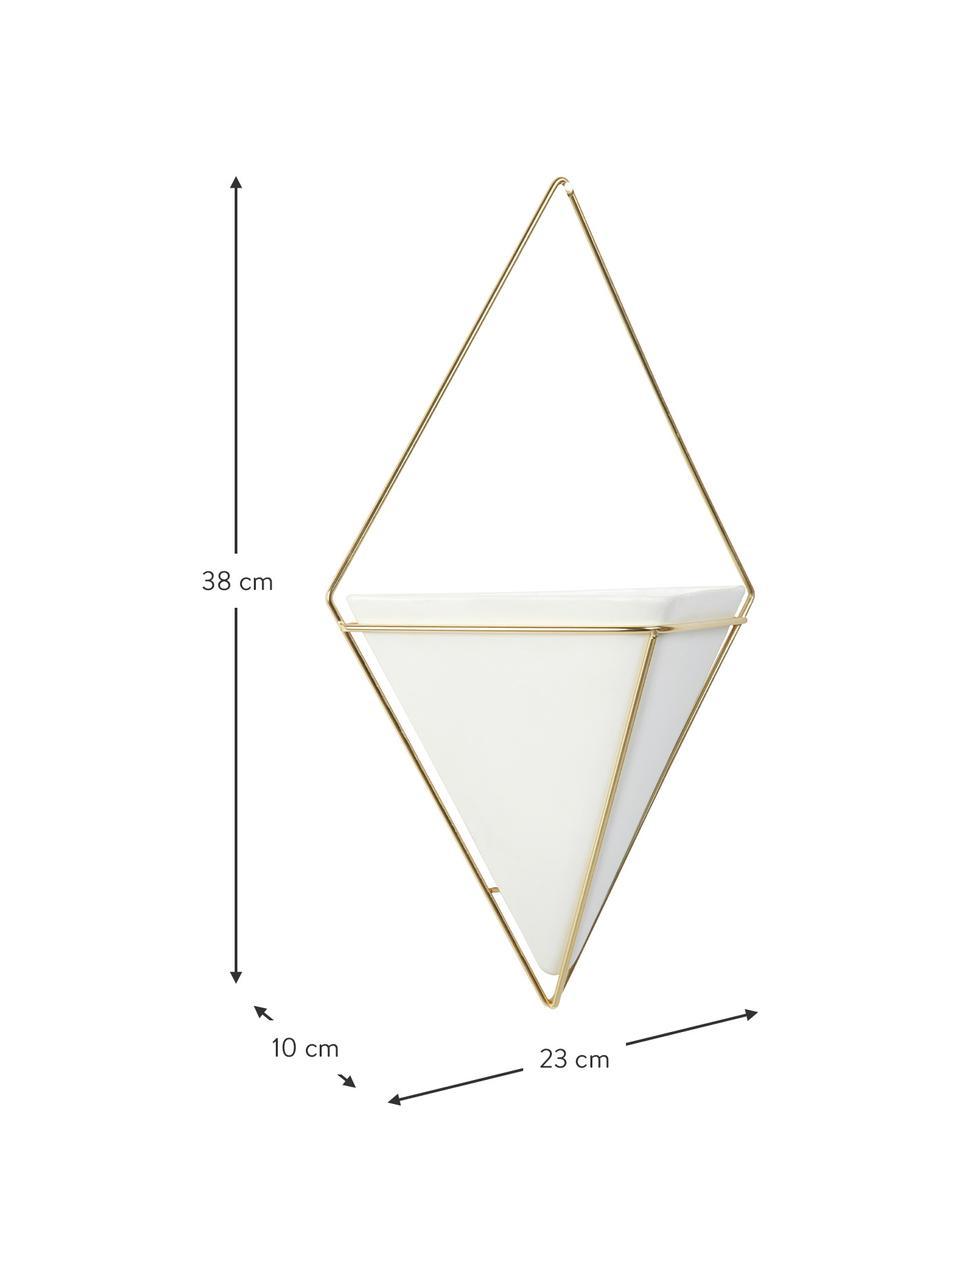 Wandaufbewahrungs-Schale Trigg aus Keramik, Aufbewahrung: Keramik, Weiss, Messing, matt, 23 x 38 cm